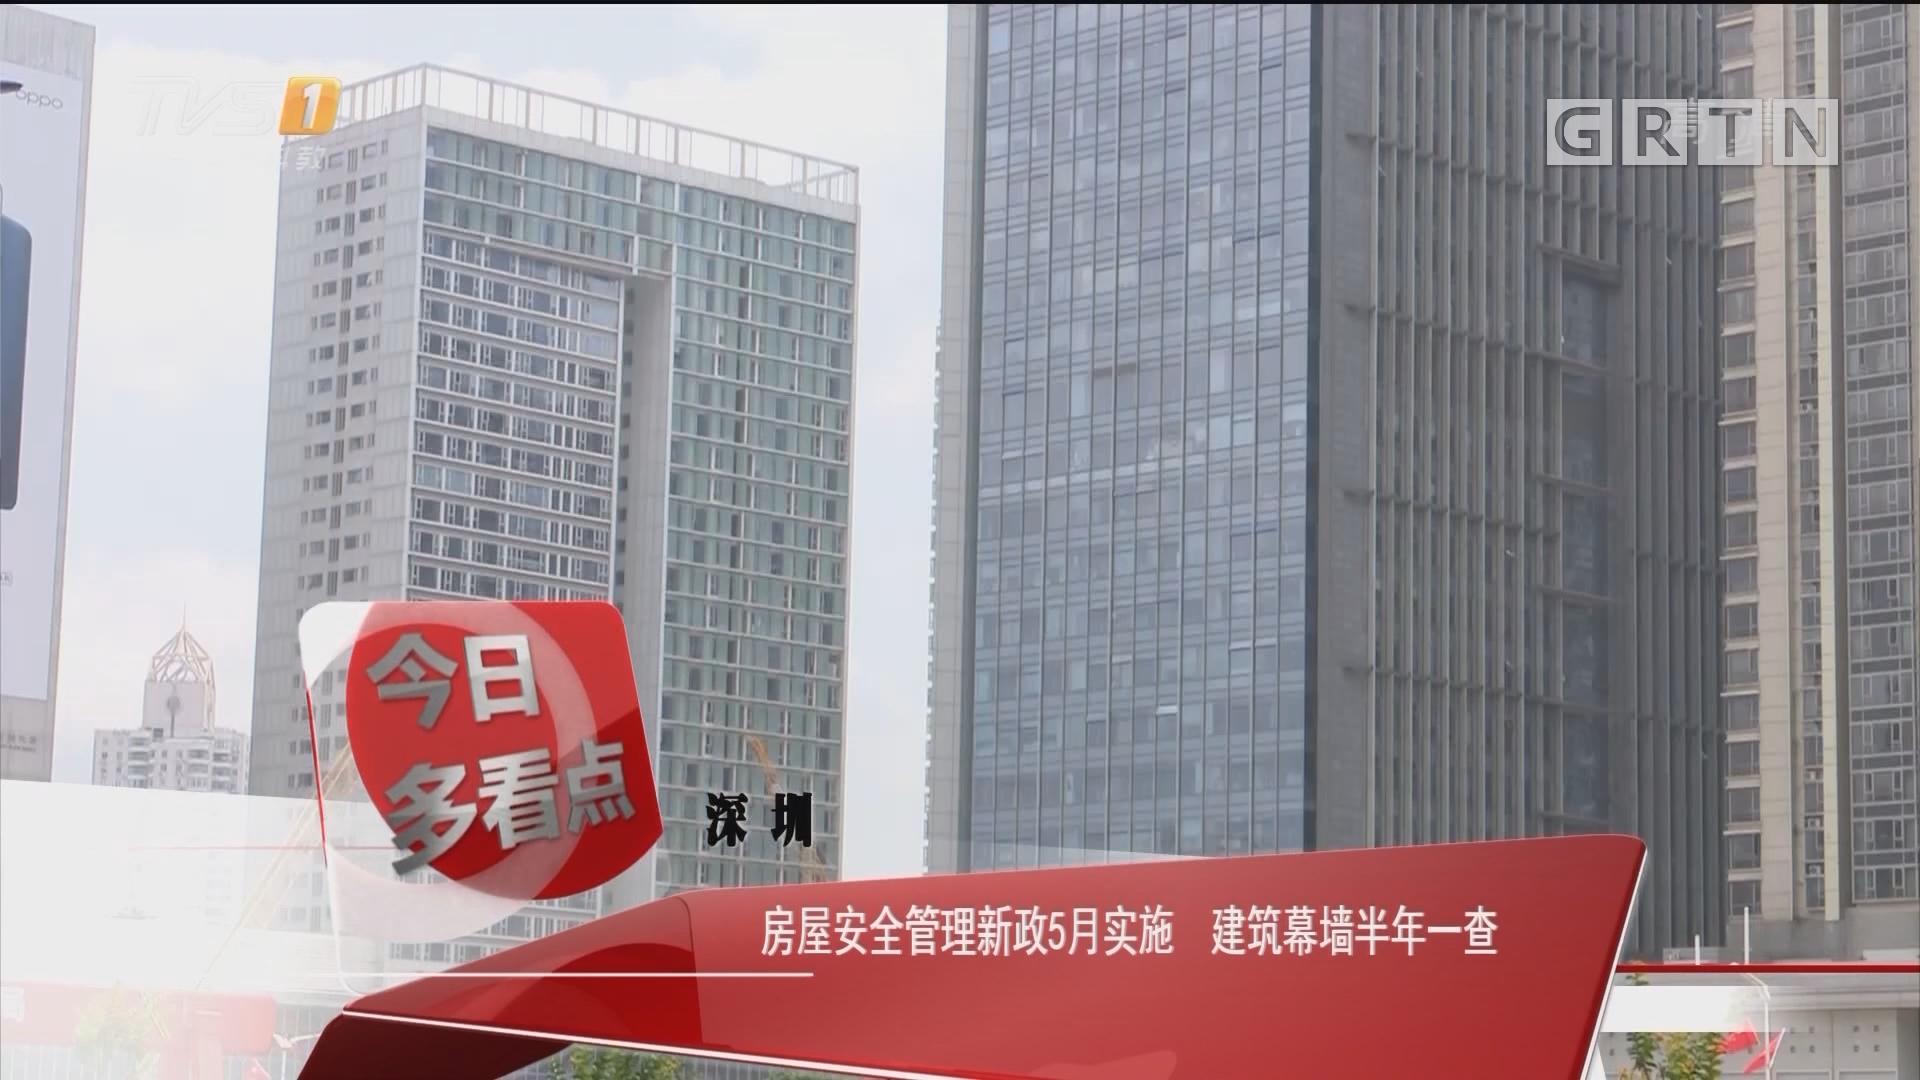 深圳:房屋安全管理新政5月实施 建筑幕墙半年一查